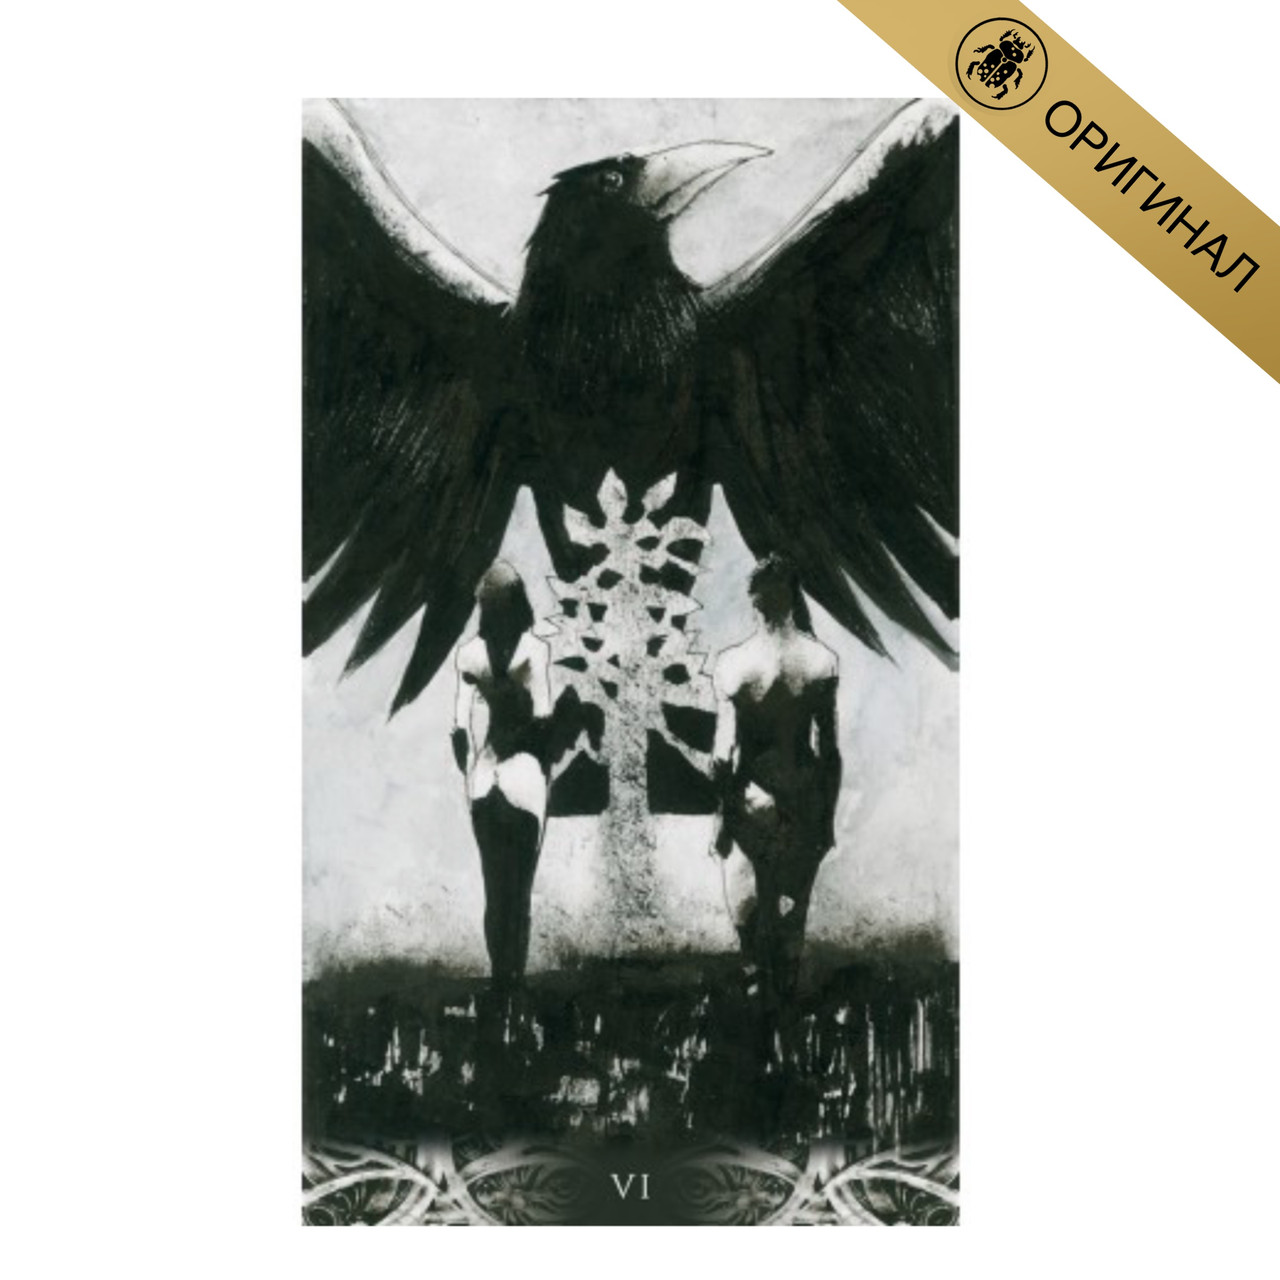 Таро Ворон Смерти. Murder of Crows Tarot Lo Scarabeo